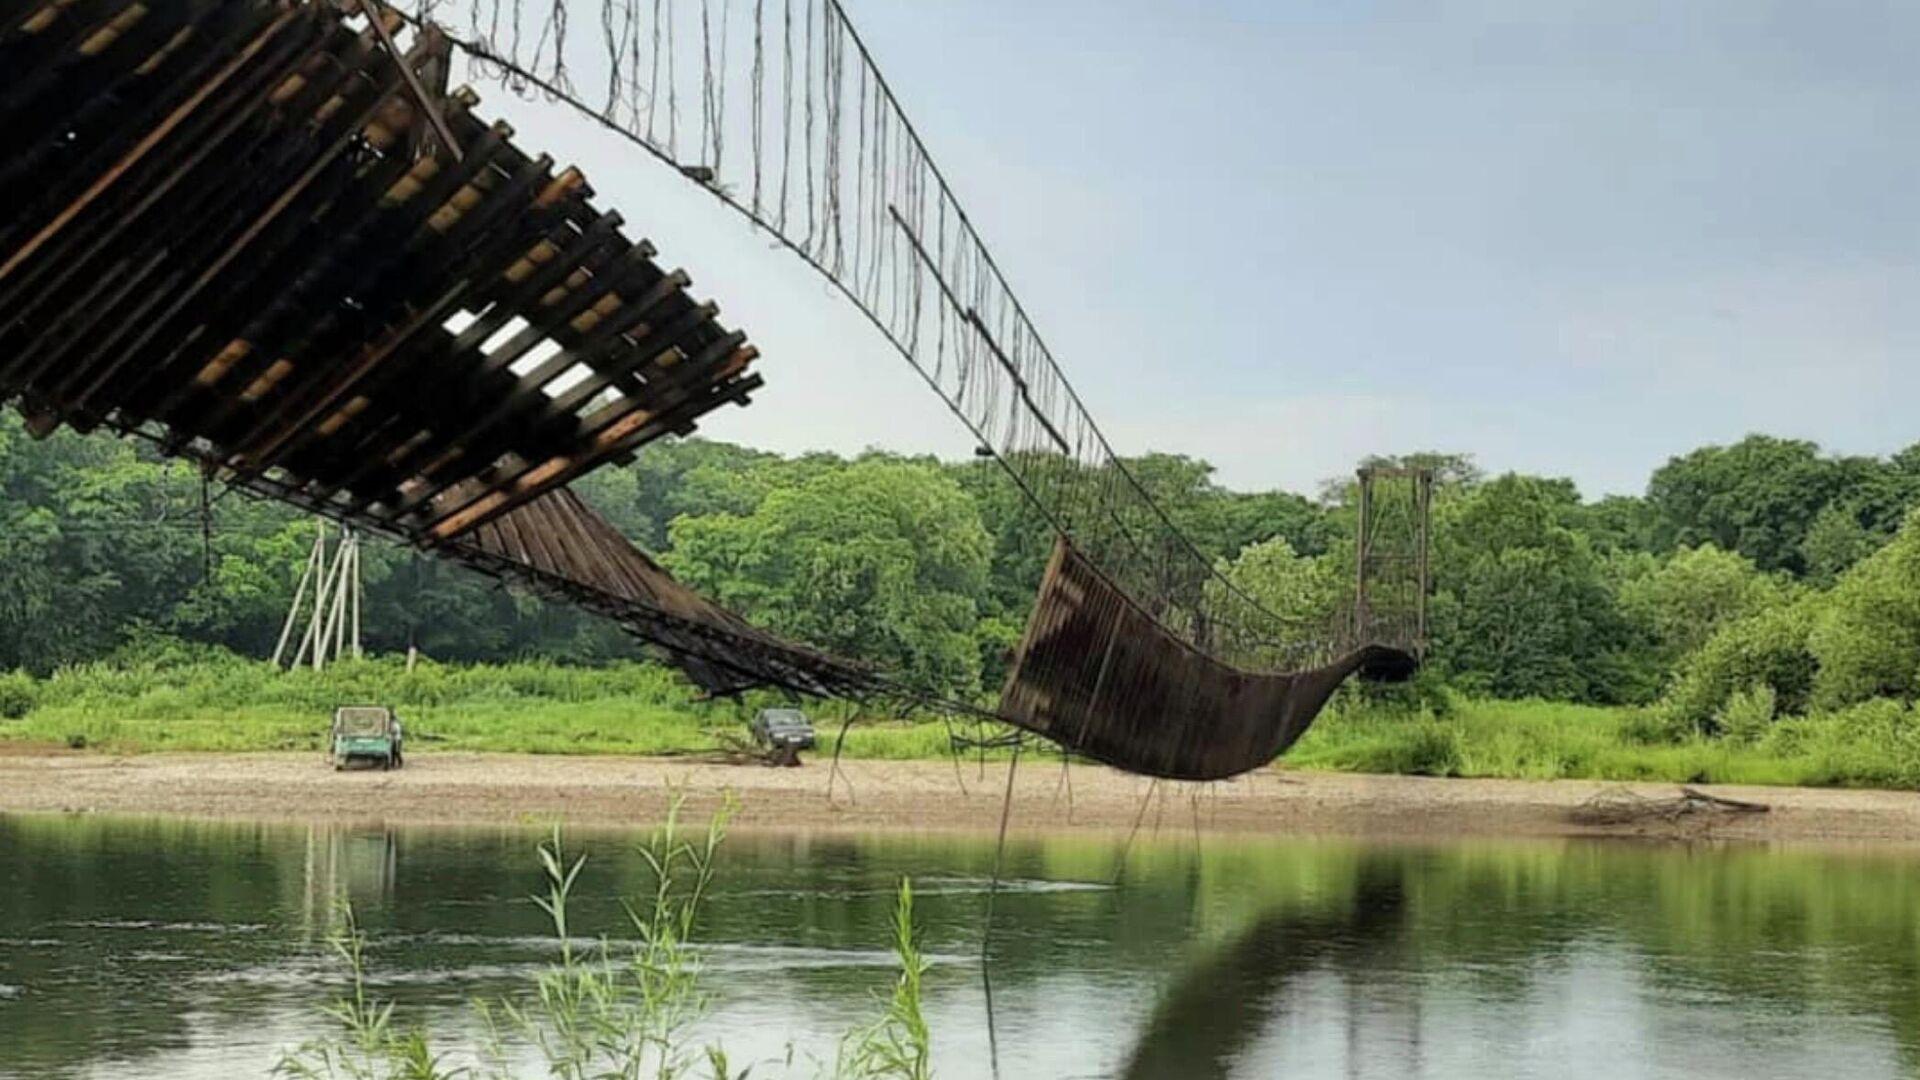 Поврежденный подвесной мост через реку Уссури в Чугуевском муниципальном округе Приморья - РИА Новости, 1920, 28.06.2021